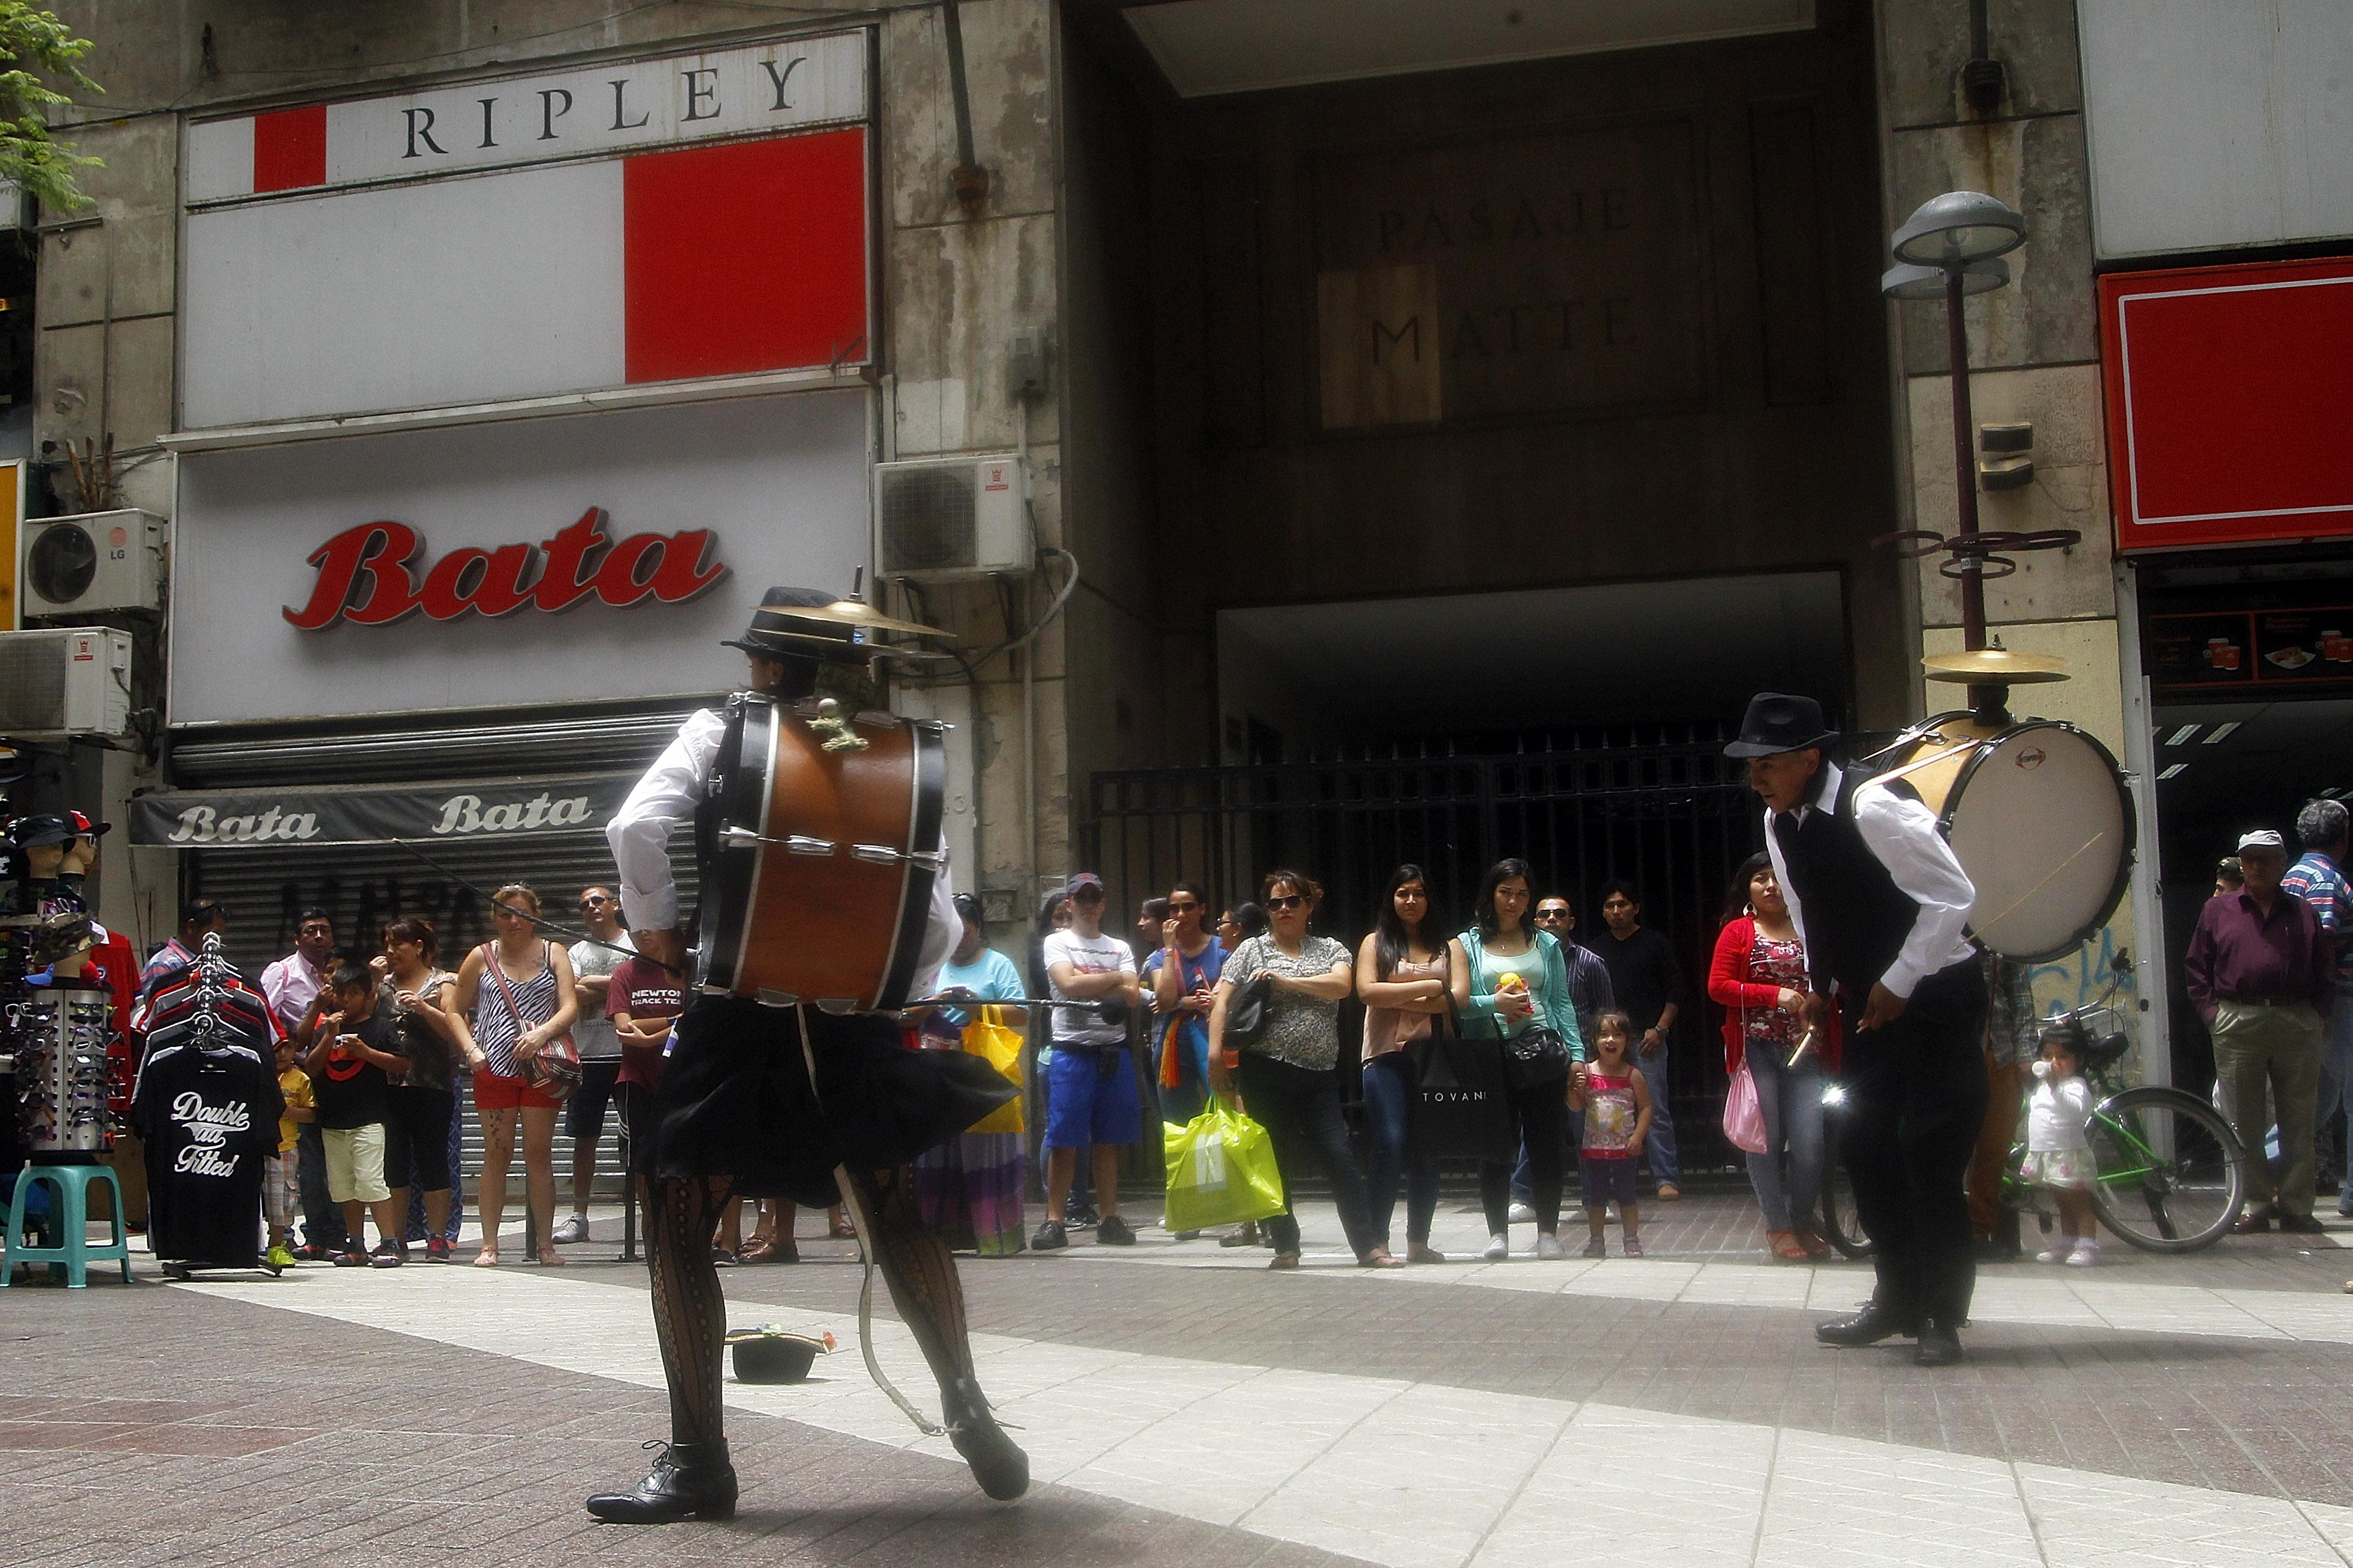 Municipalidad de Santiago busca restringir a músicos y artistas callejeros en terrazas de locales de la comuna